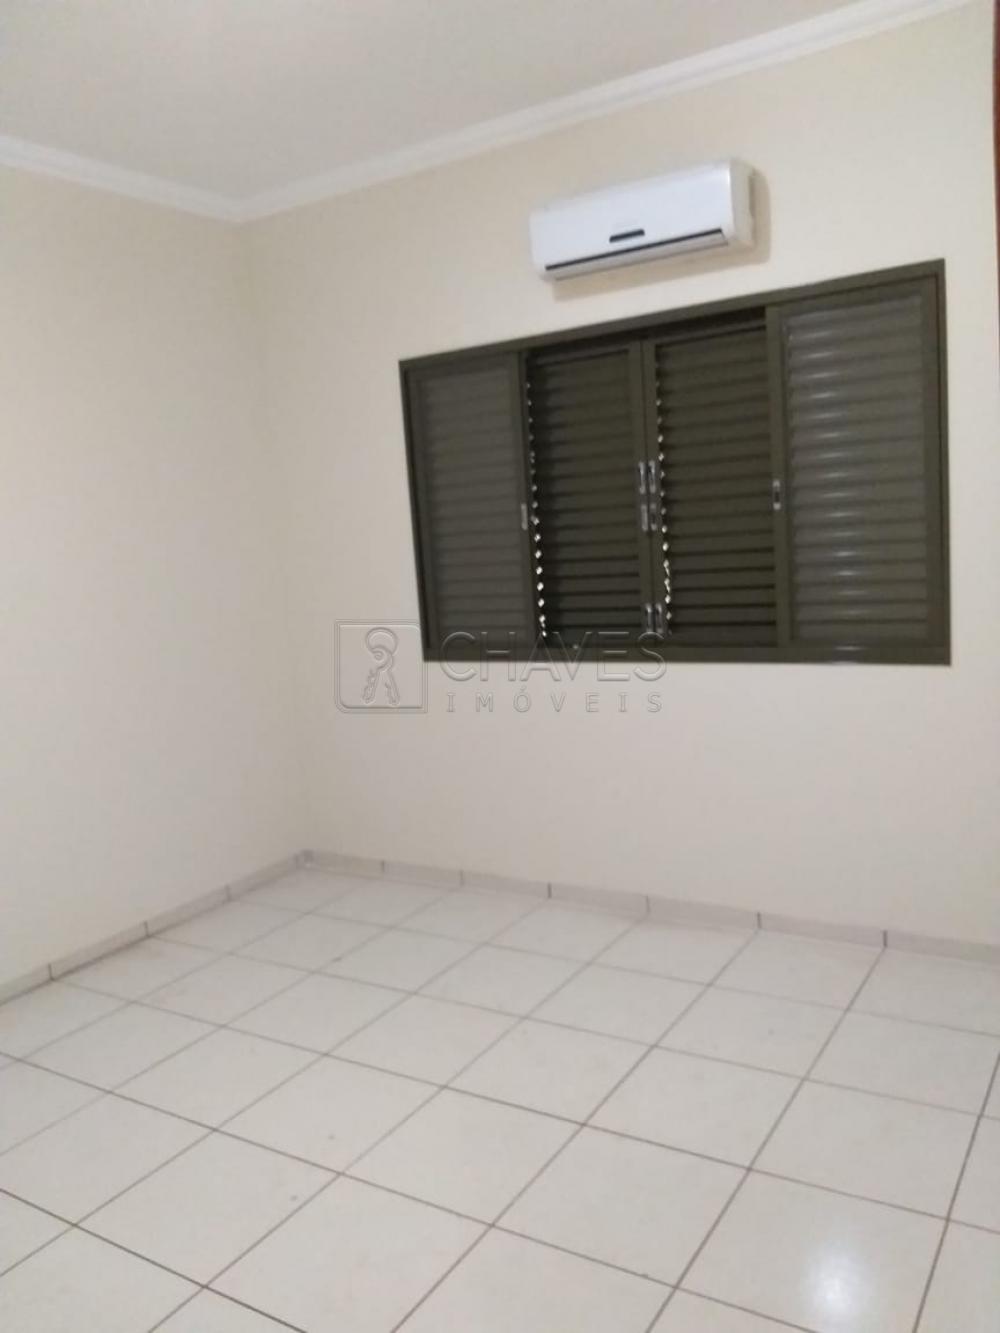 Comprar Casa / Condomínio em Bonfim Paulista apenas R$ 550.000,00 - Foto 3